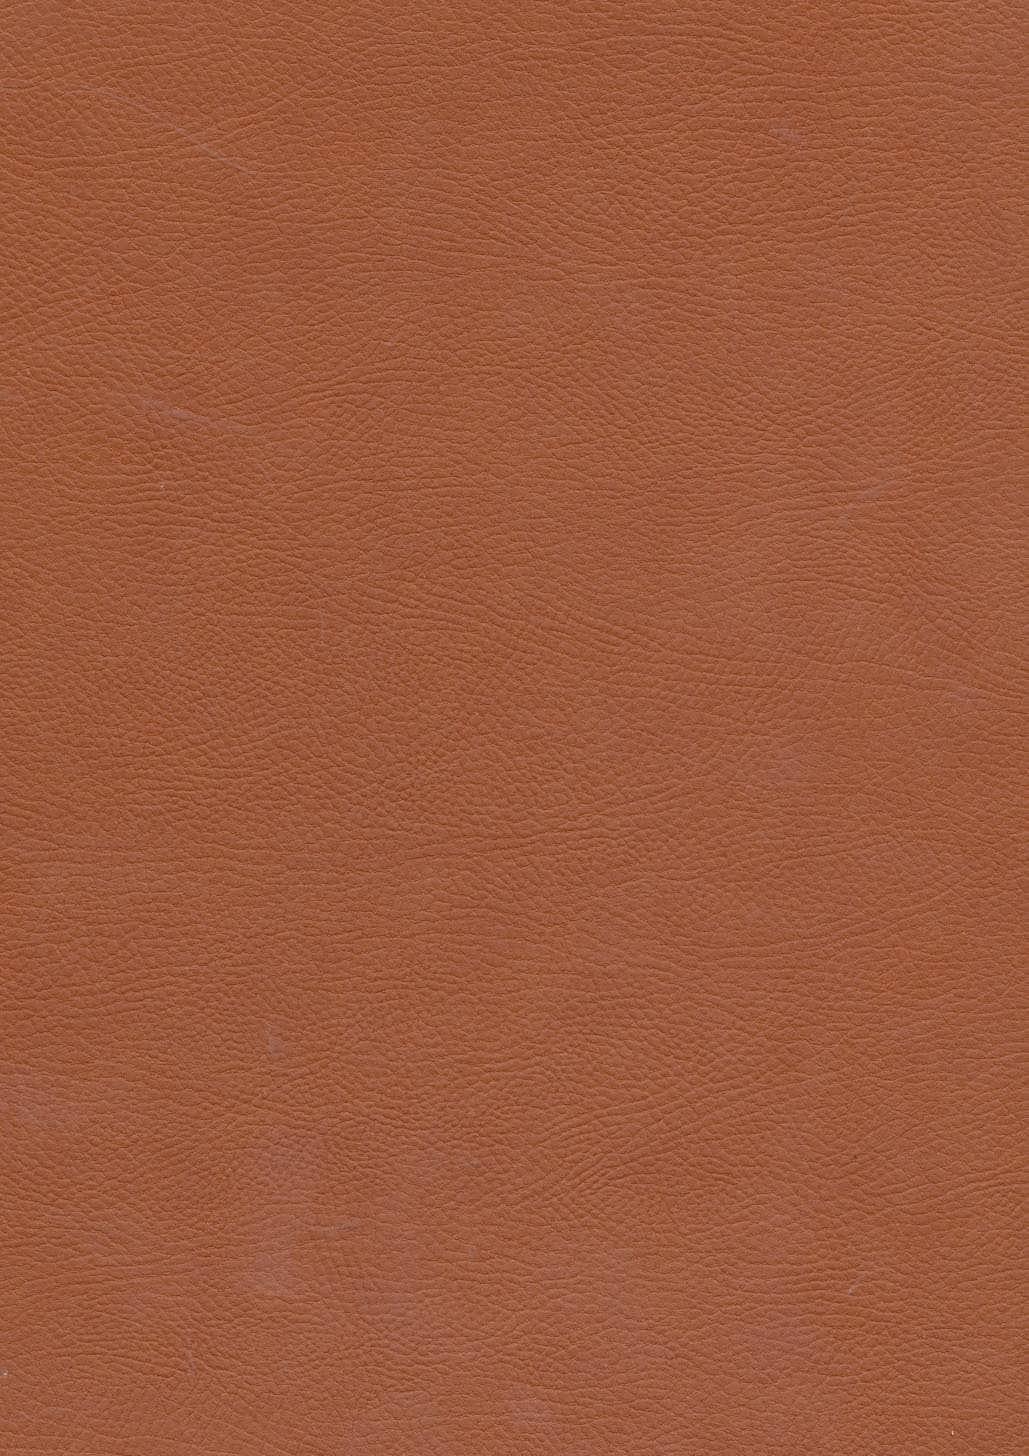 رباعیات حکیم عمر خیام با مینیاتور (2زبانه،معطر،گلاسه،باجعبه،چرم،لب طلایی)